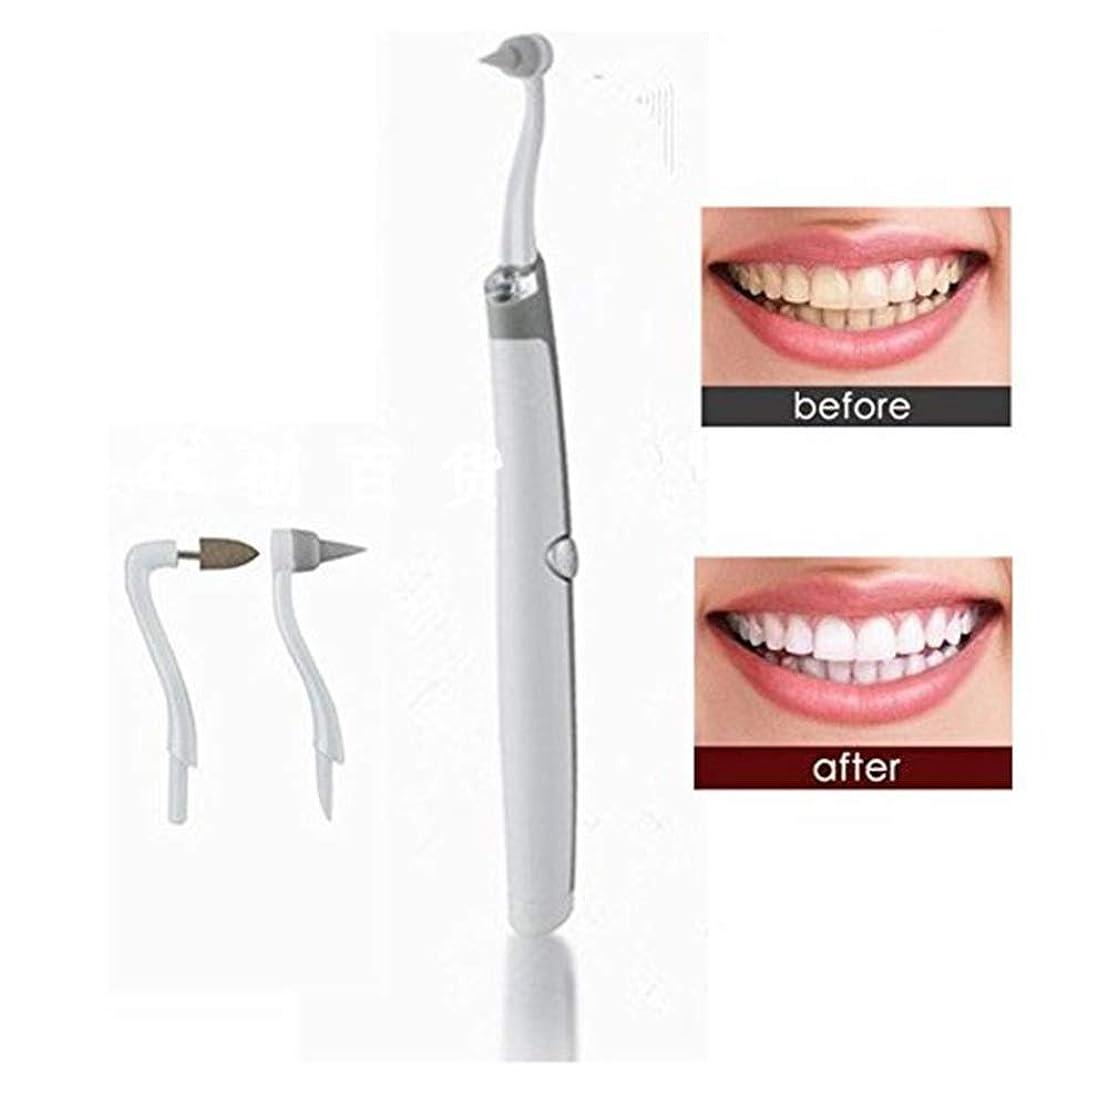 繊細ファイター不健康LEDライト付き電動微粉除去剤、歯科用高周波振動歯石スクレーパー除去剤、歯の汚れ、歯垢除去歯ホワイトニングケアツール